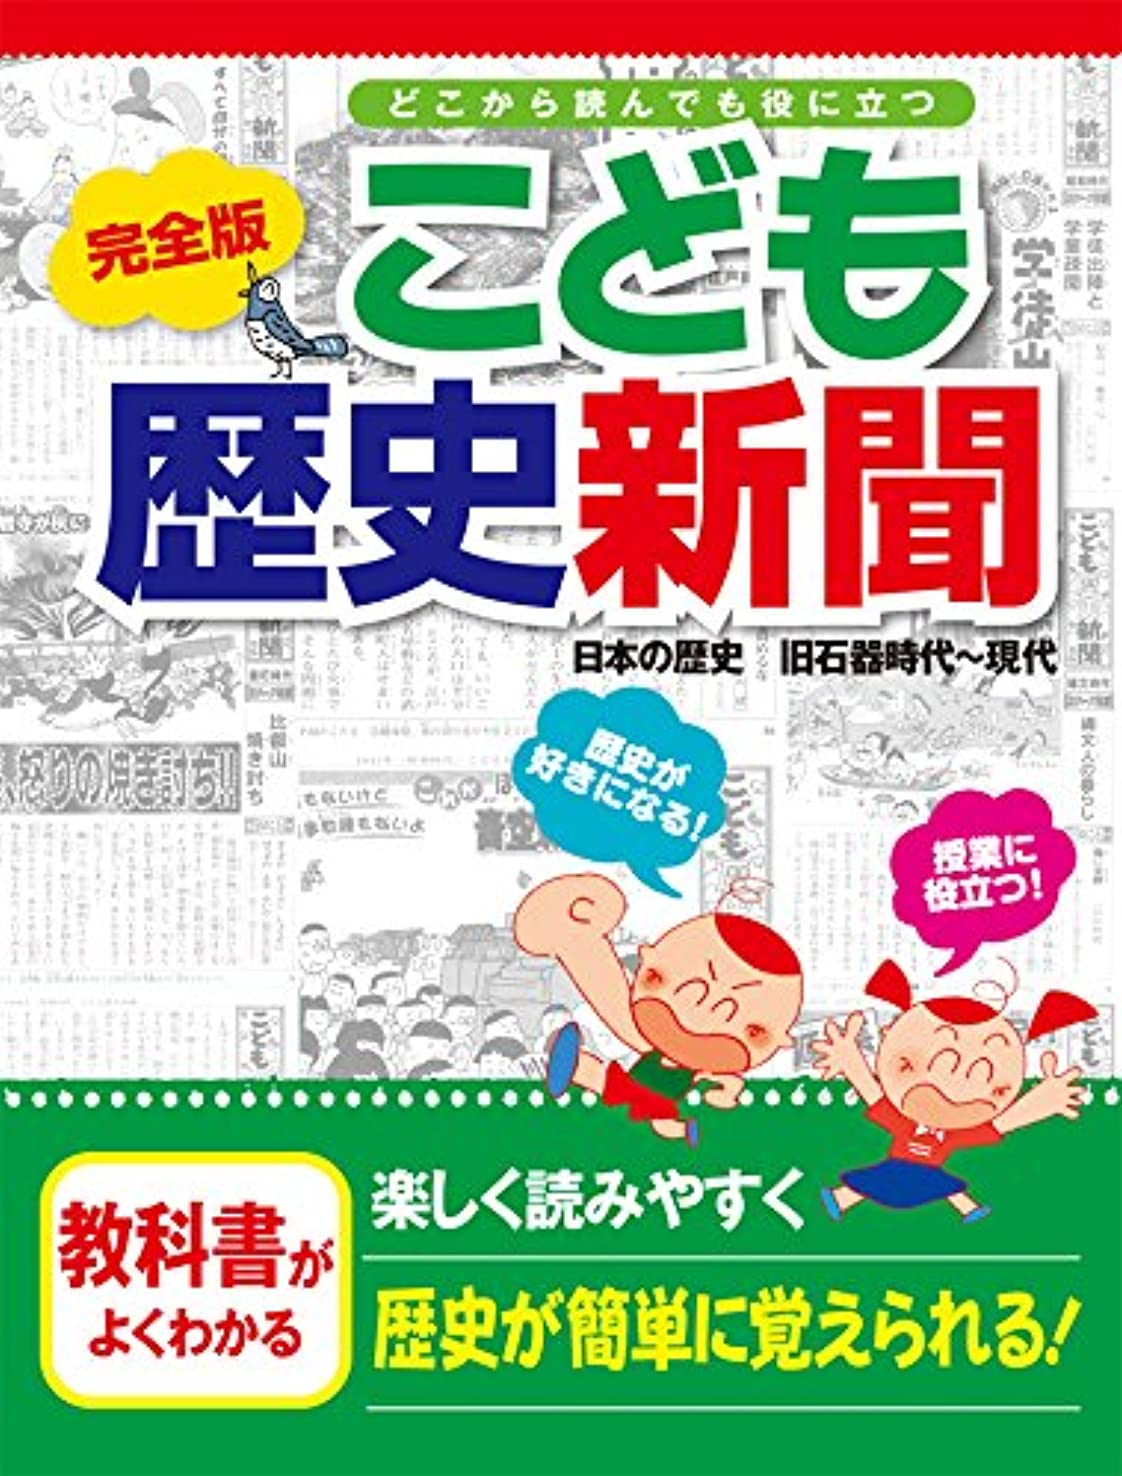 責家庭教師ナース完全版 こども歴史新聞(日本の歴史 旧石器時代~現代) (どこから読んでも役に立つ)